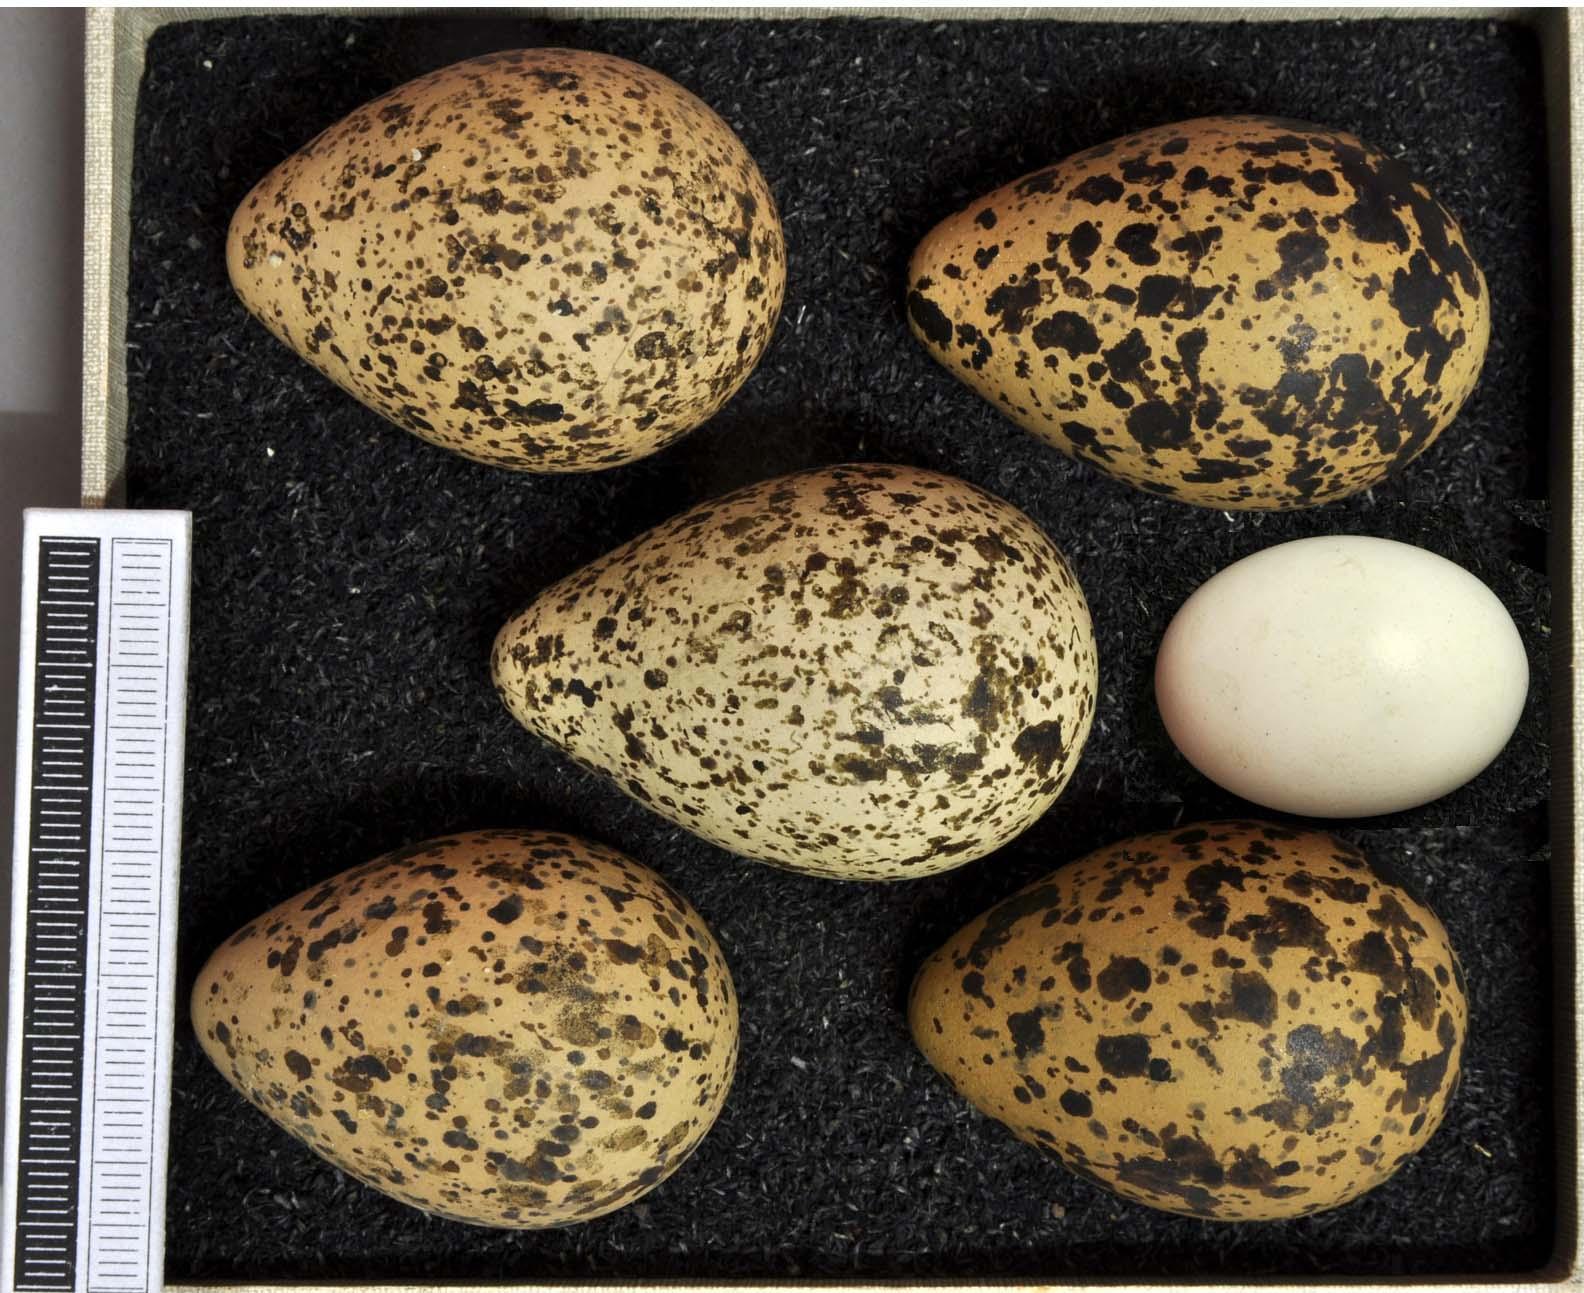 Vanellus vanellus (huevos asimétricos, amarillos y manchados). Streptopelia turtur (huevos simétricos, blancos y sin manchas)